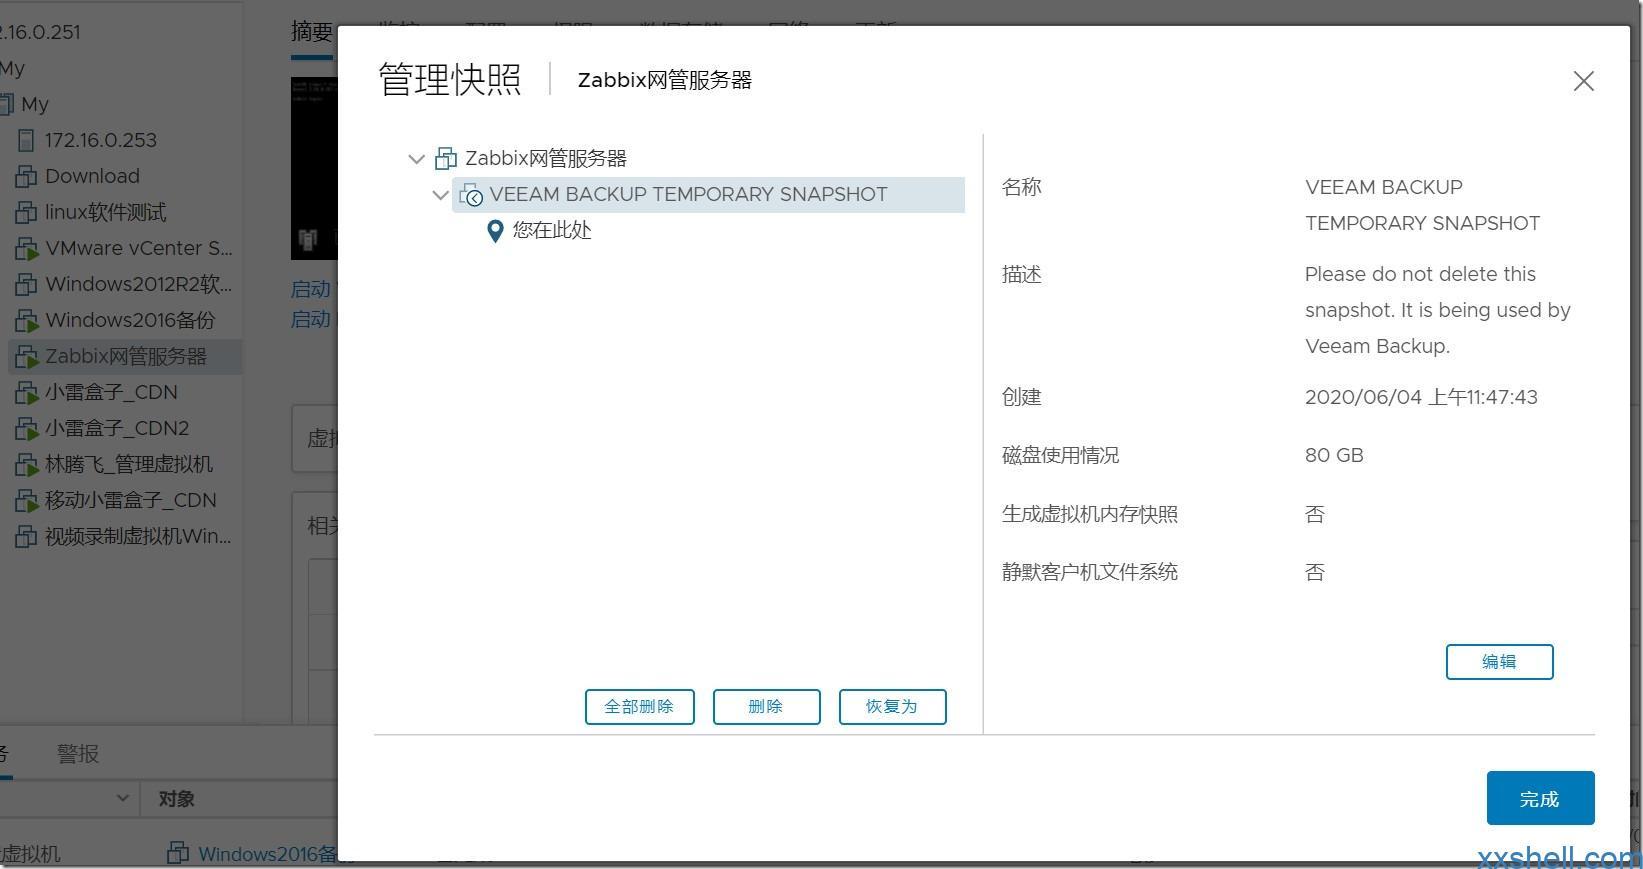 12_启动任务的时候会自动在虚拟机上创建快照